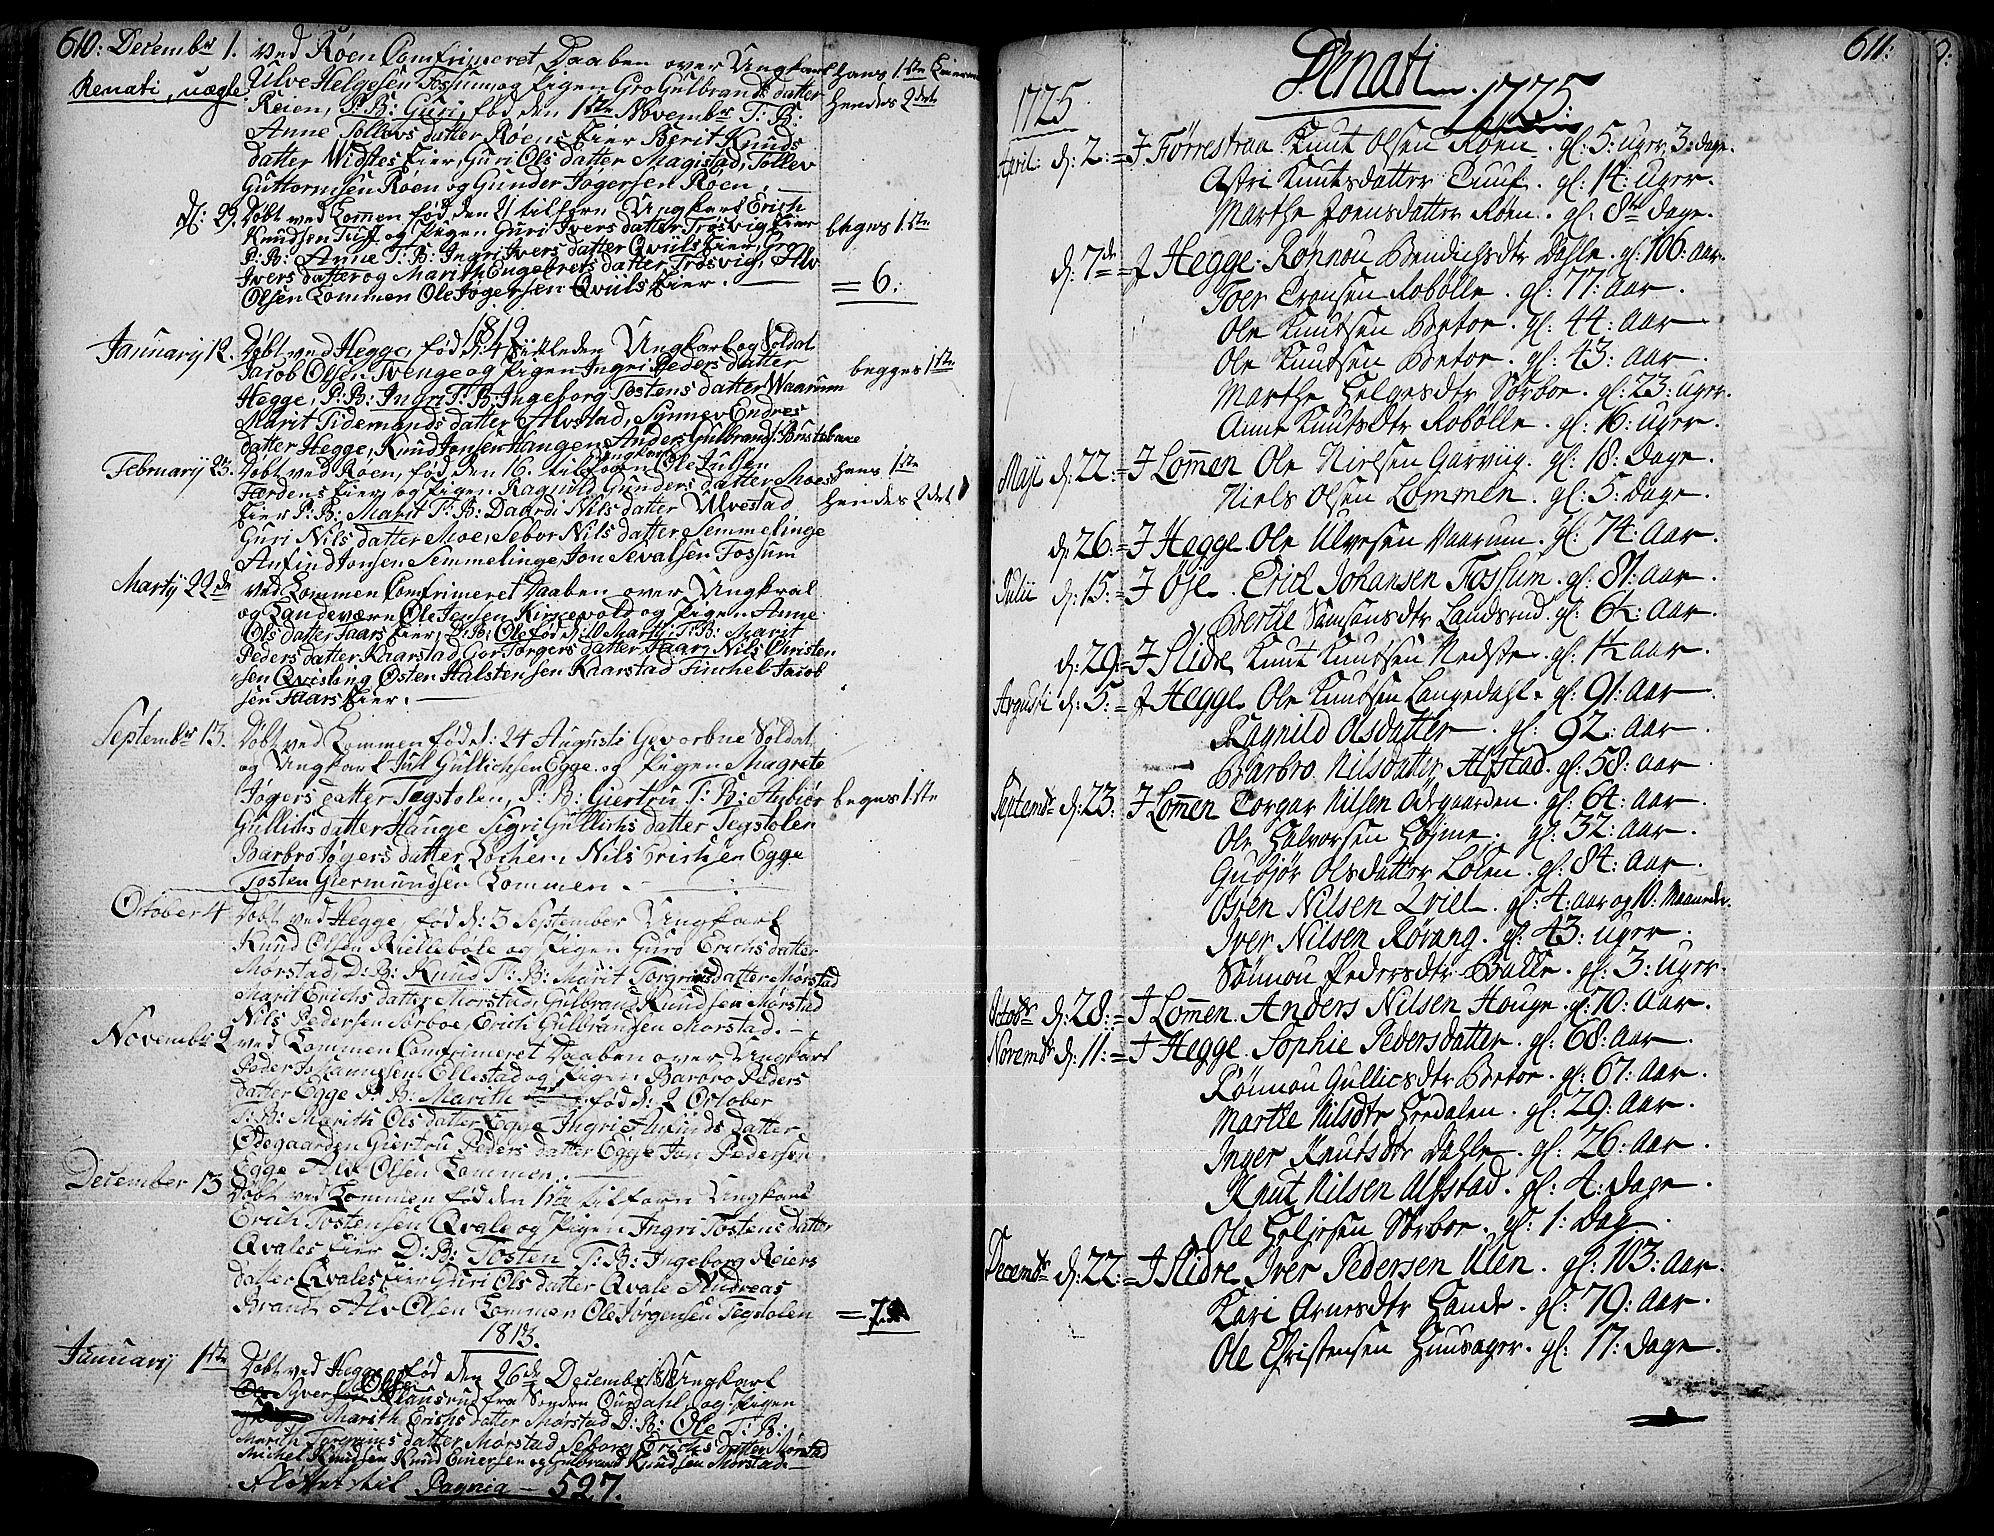 SAH, Slidre prestekontor, Ministerialbok nr. 1, 1724-1814, s. 610-611